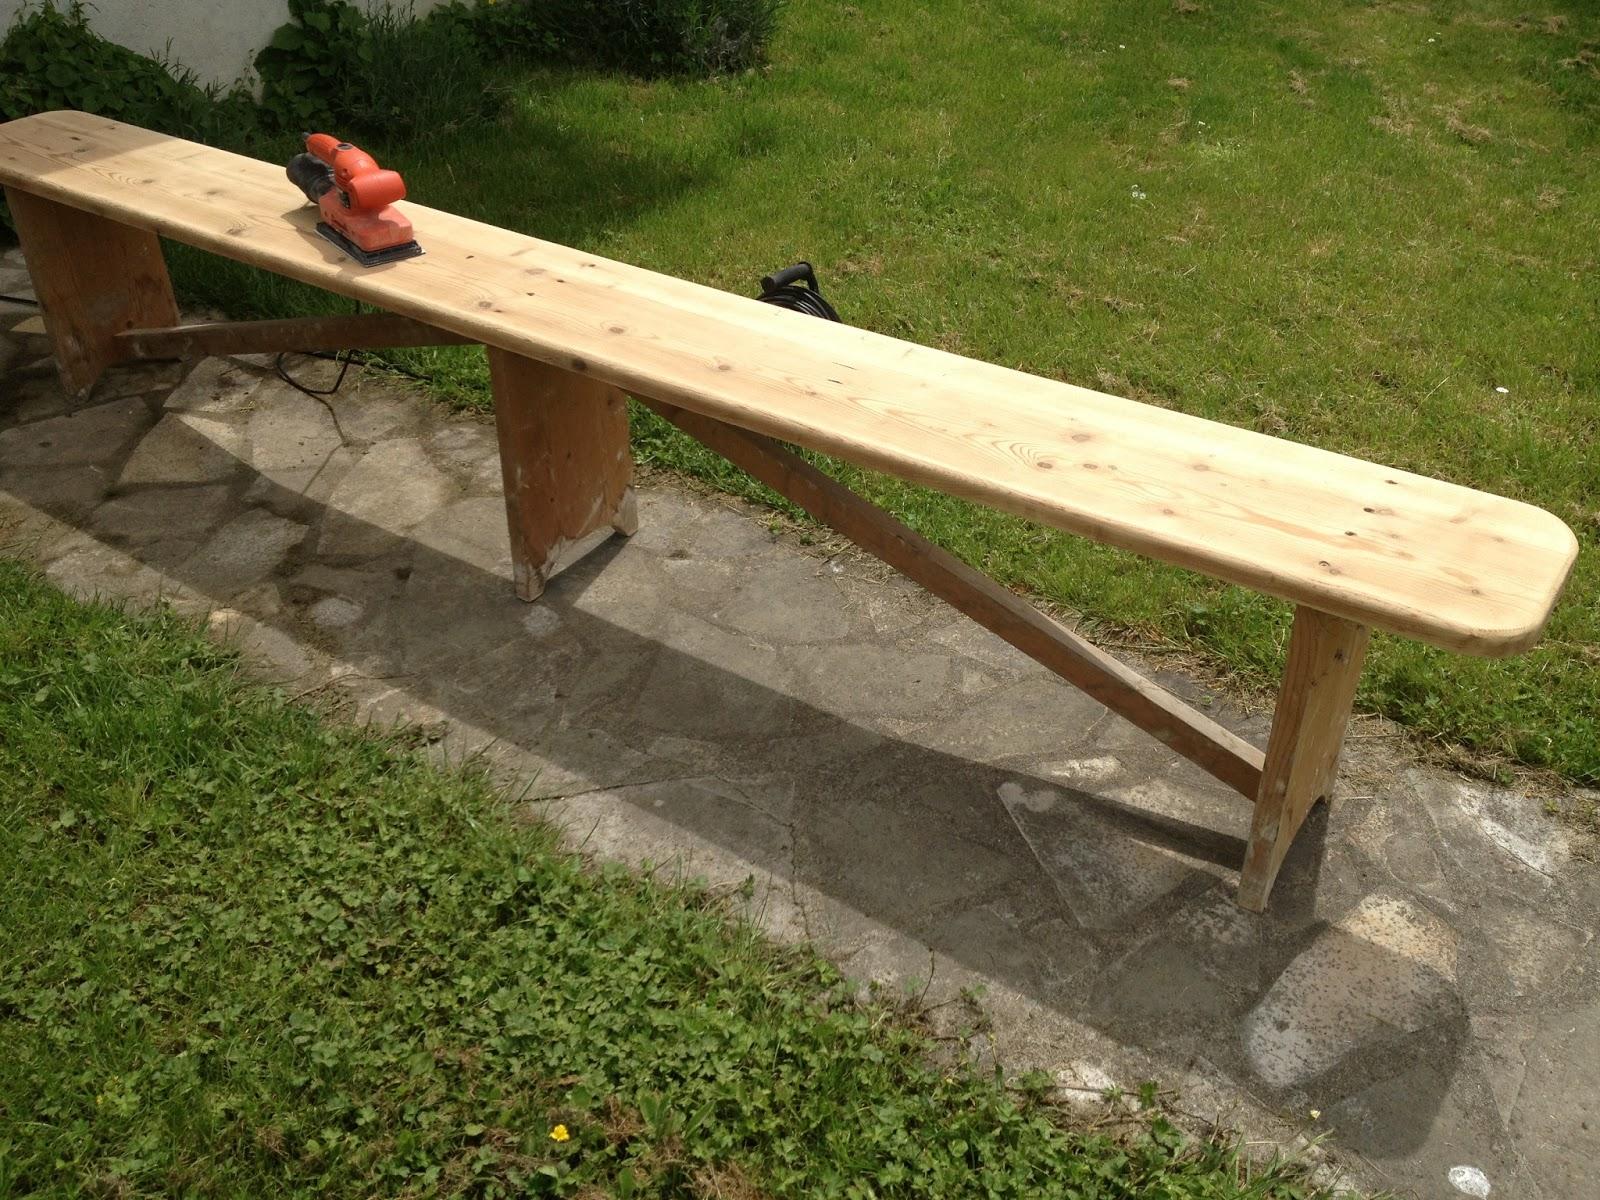 R novation de deux bancs en bois mes r novations de meubles en bois - Renovation de meubles ...